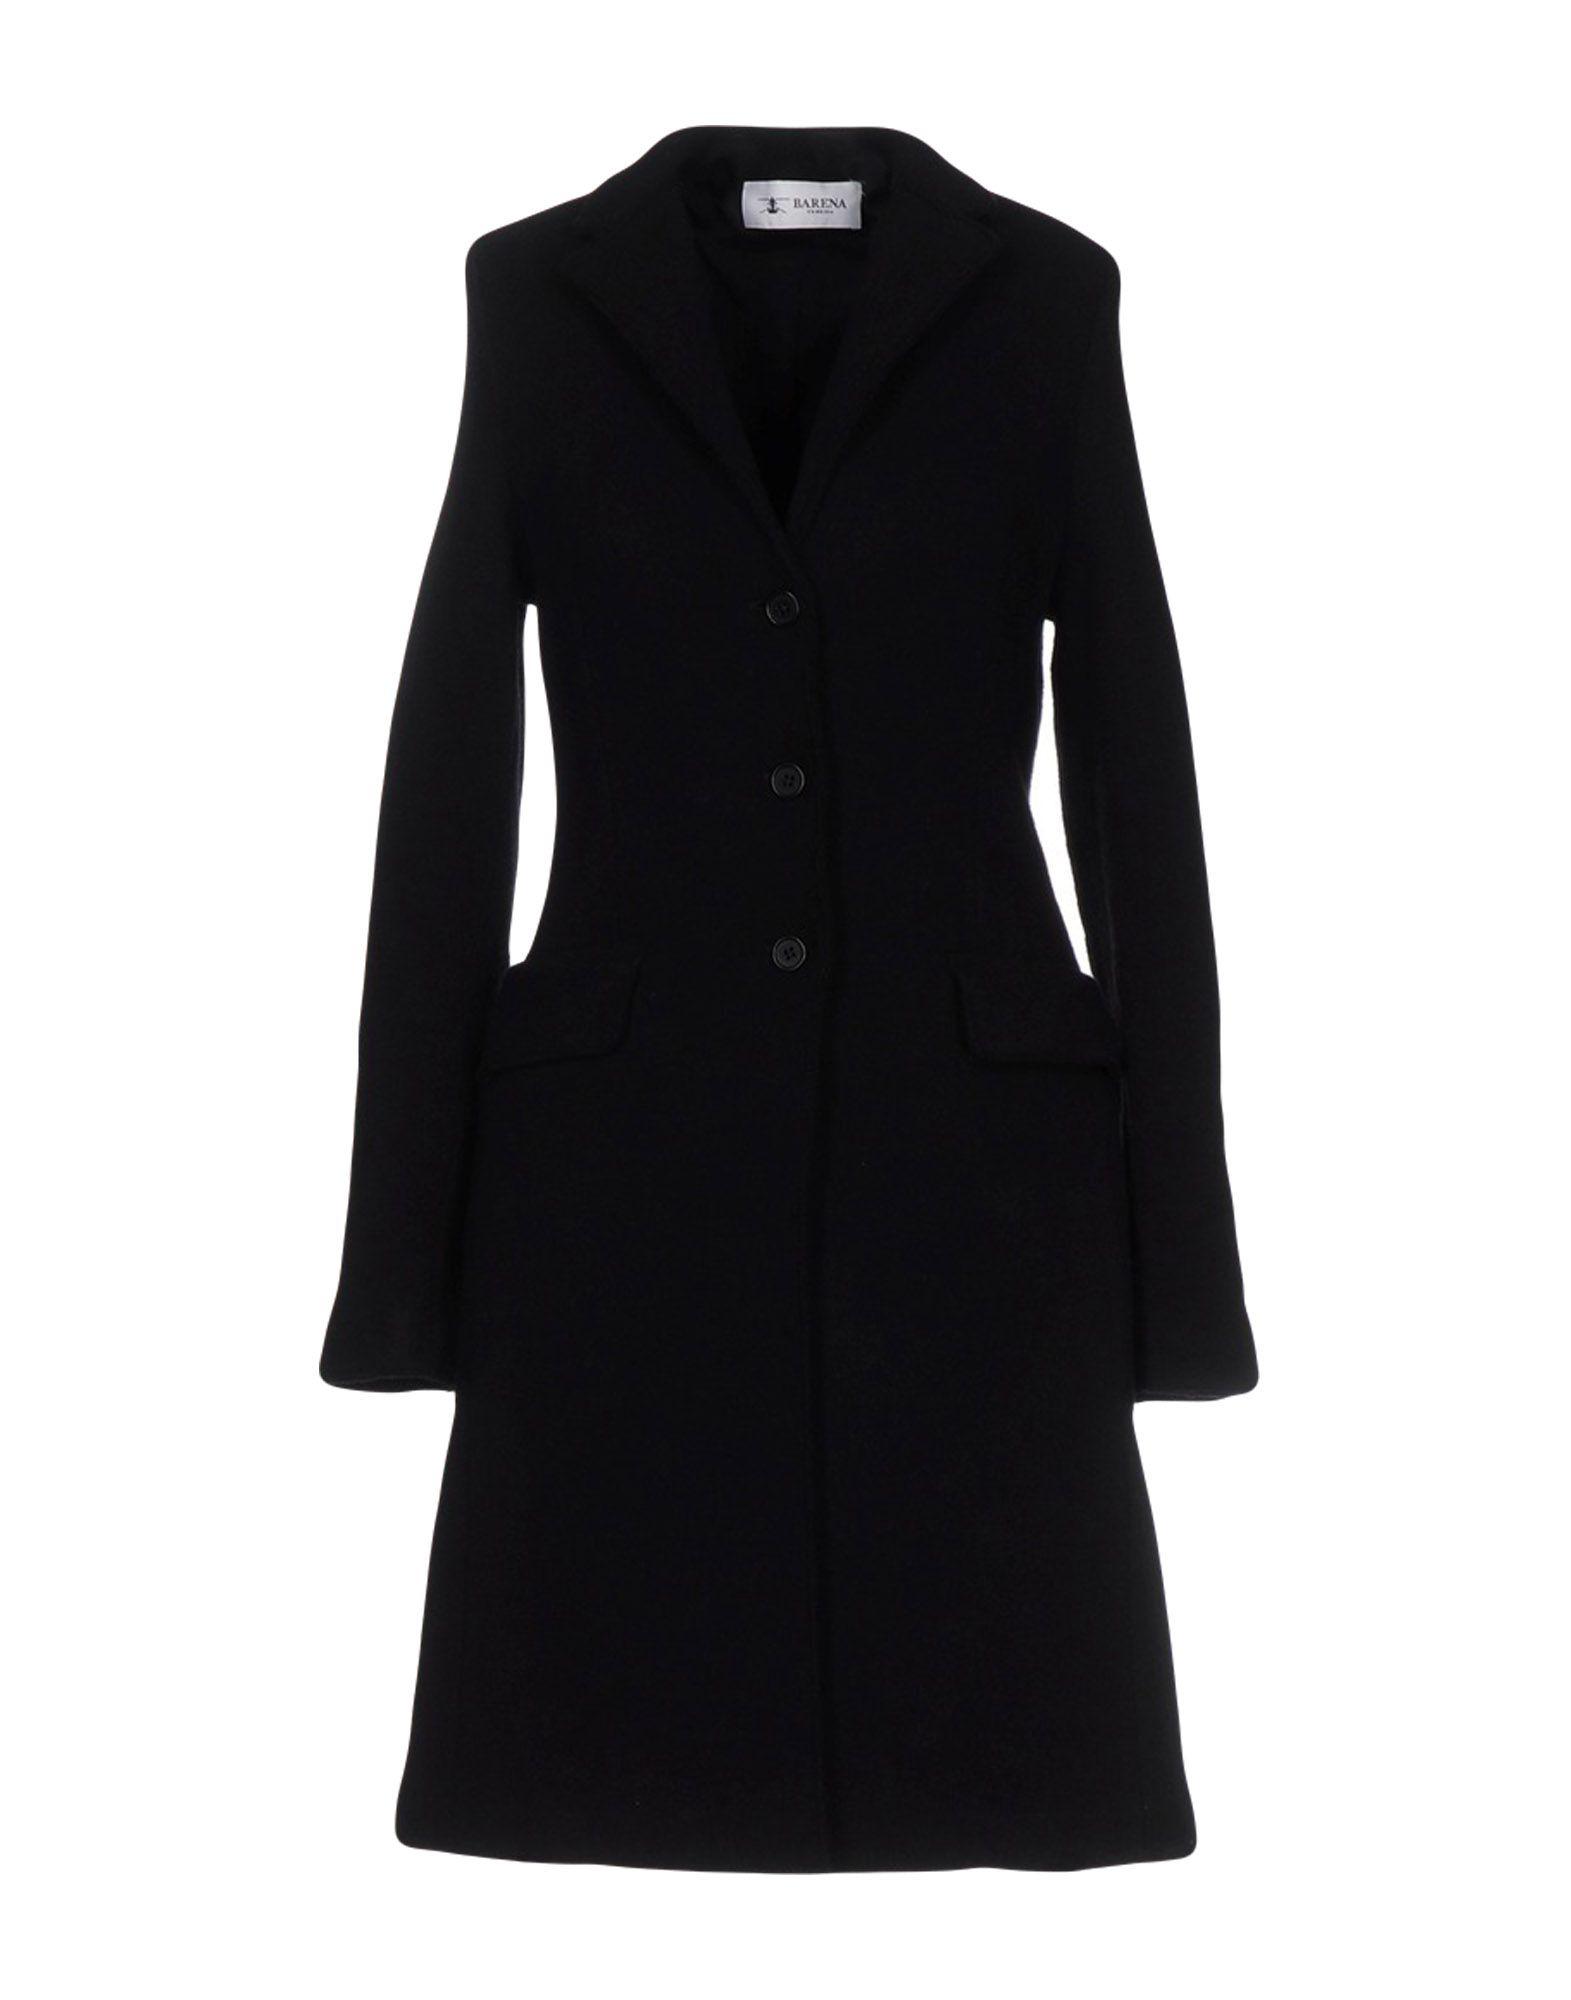 BARENA Damen Lange Jacke Farbe Schwarz Größe 5 - broschei